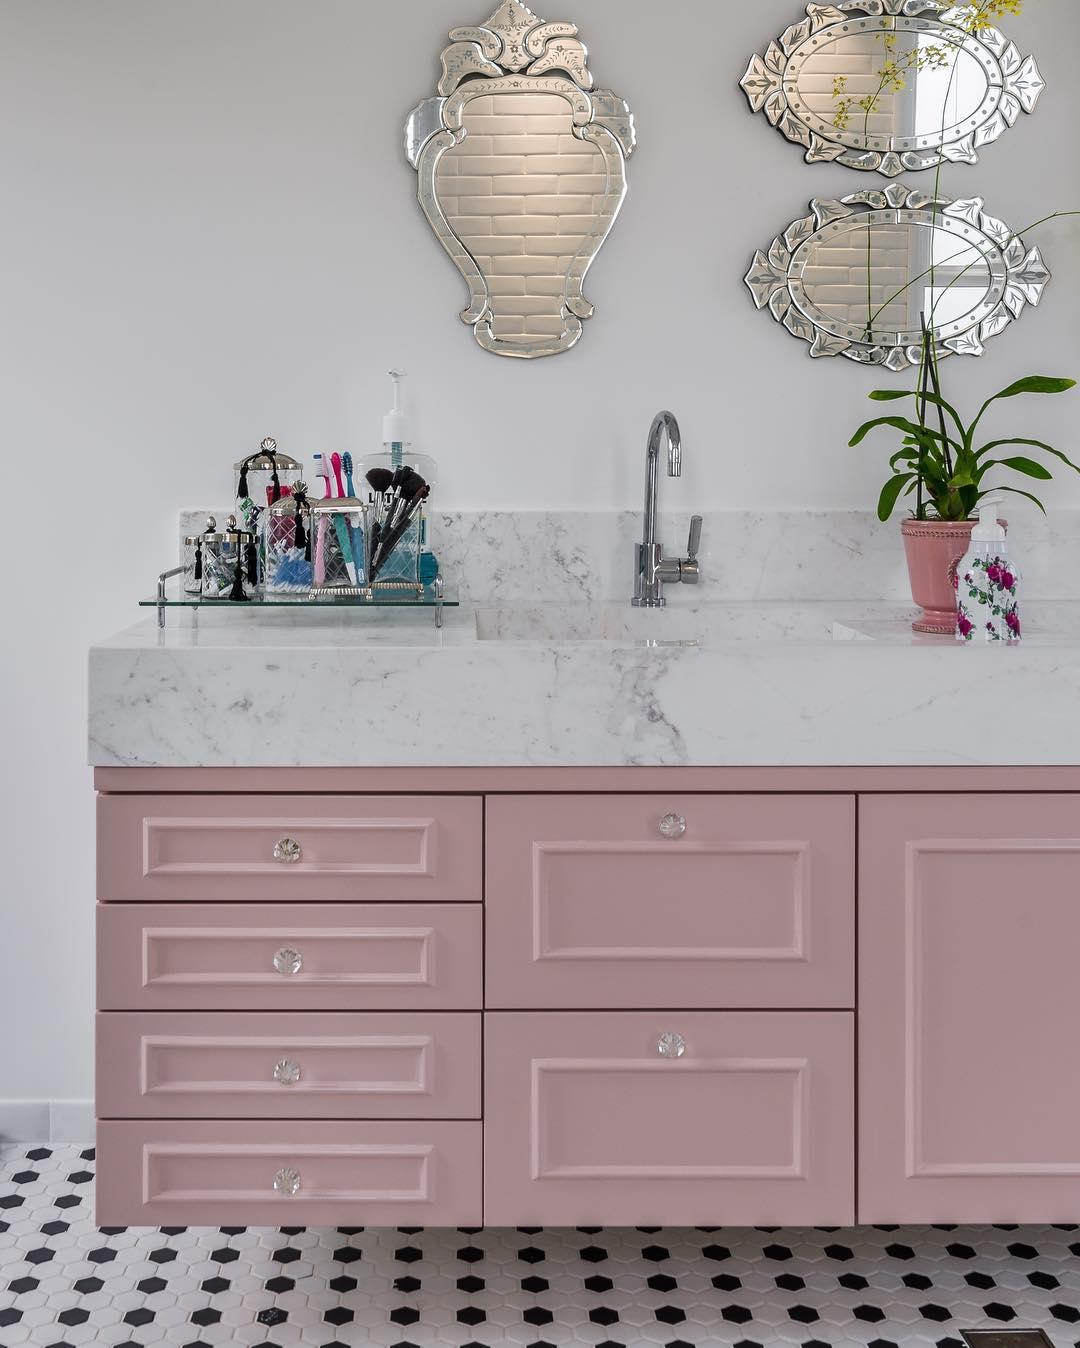 banheiro-com-espelho-veneziano-gabinete-rosa-andrea-murao